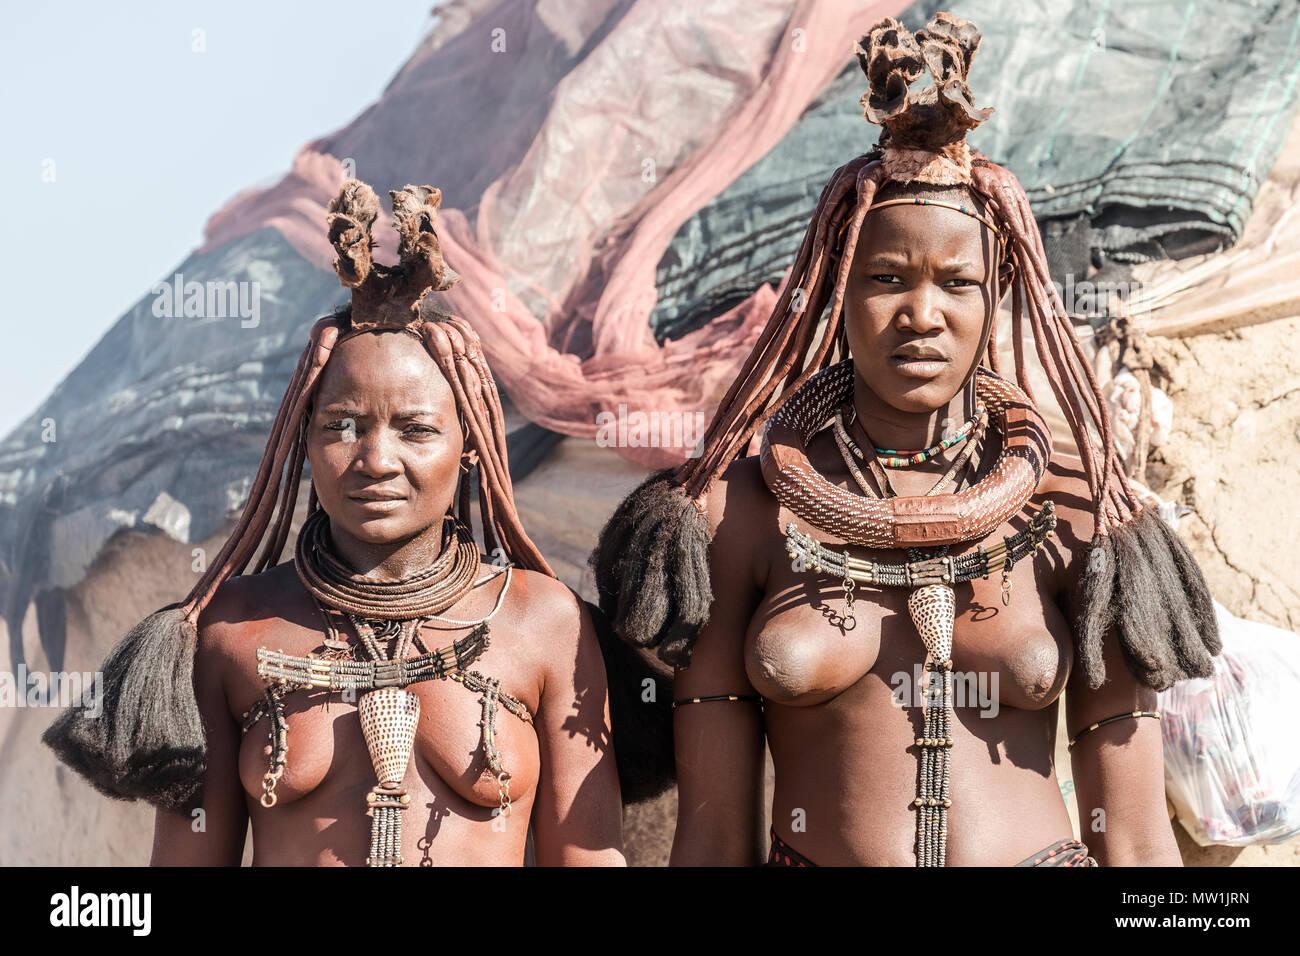 Himba, tribal village, Namibia, Africa - Stock Image